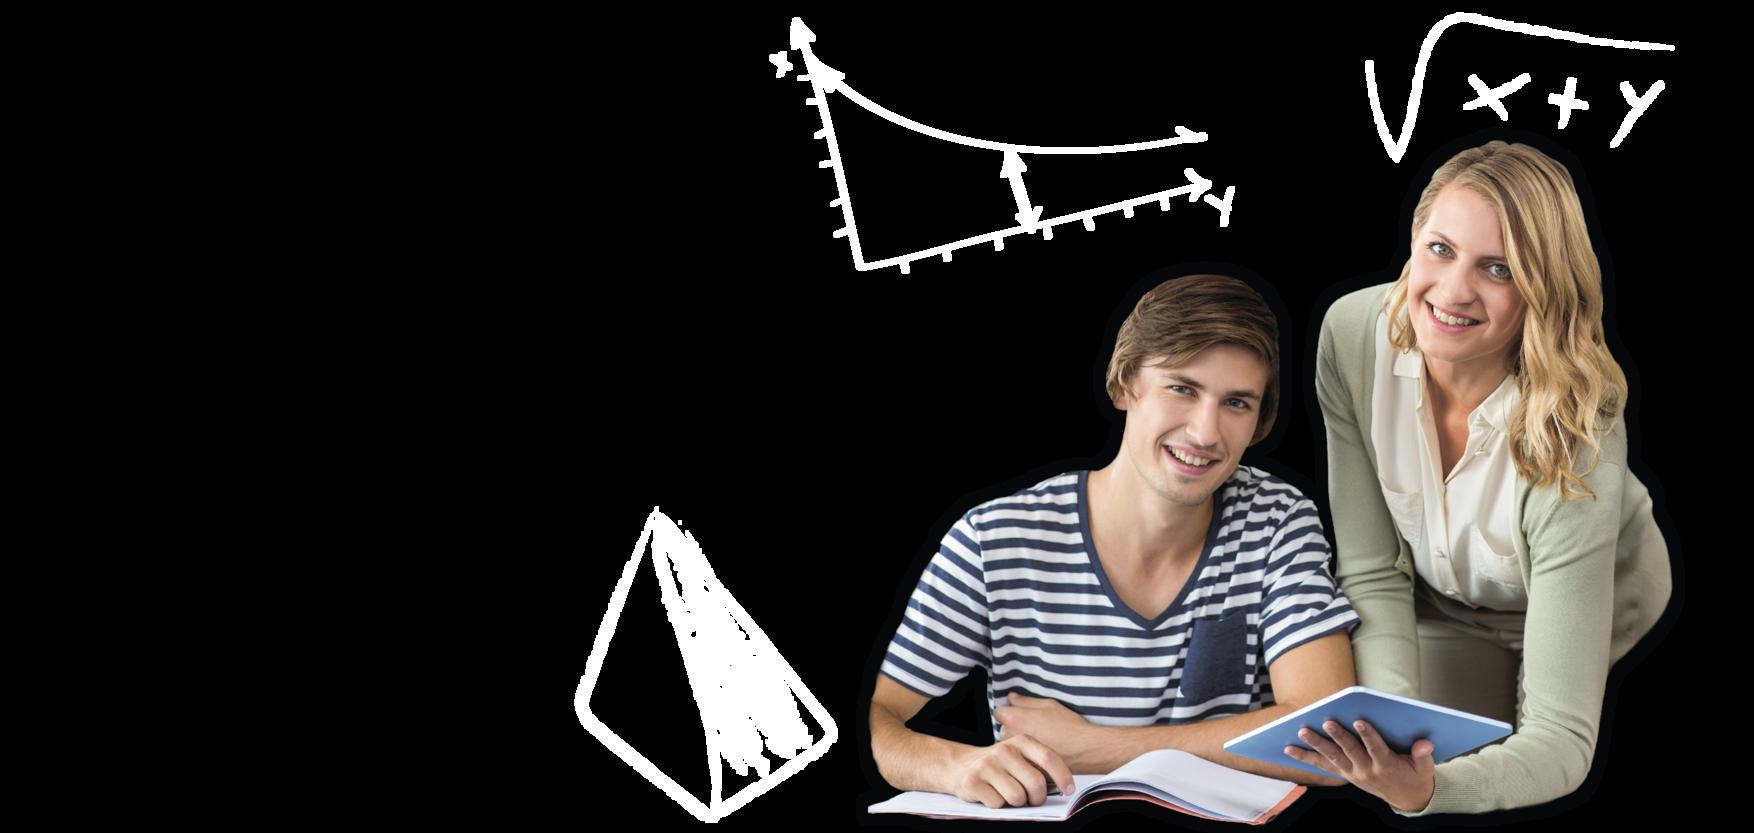 Курсы подготовки к ВПР для 4-11 классов по математике в Санкт-Петербурге